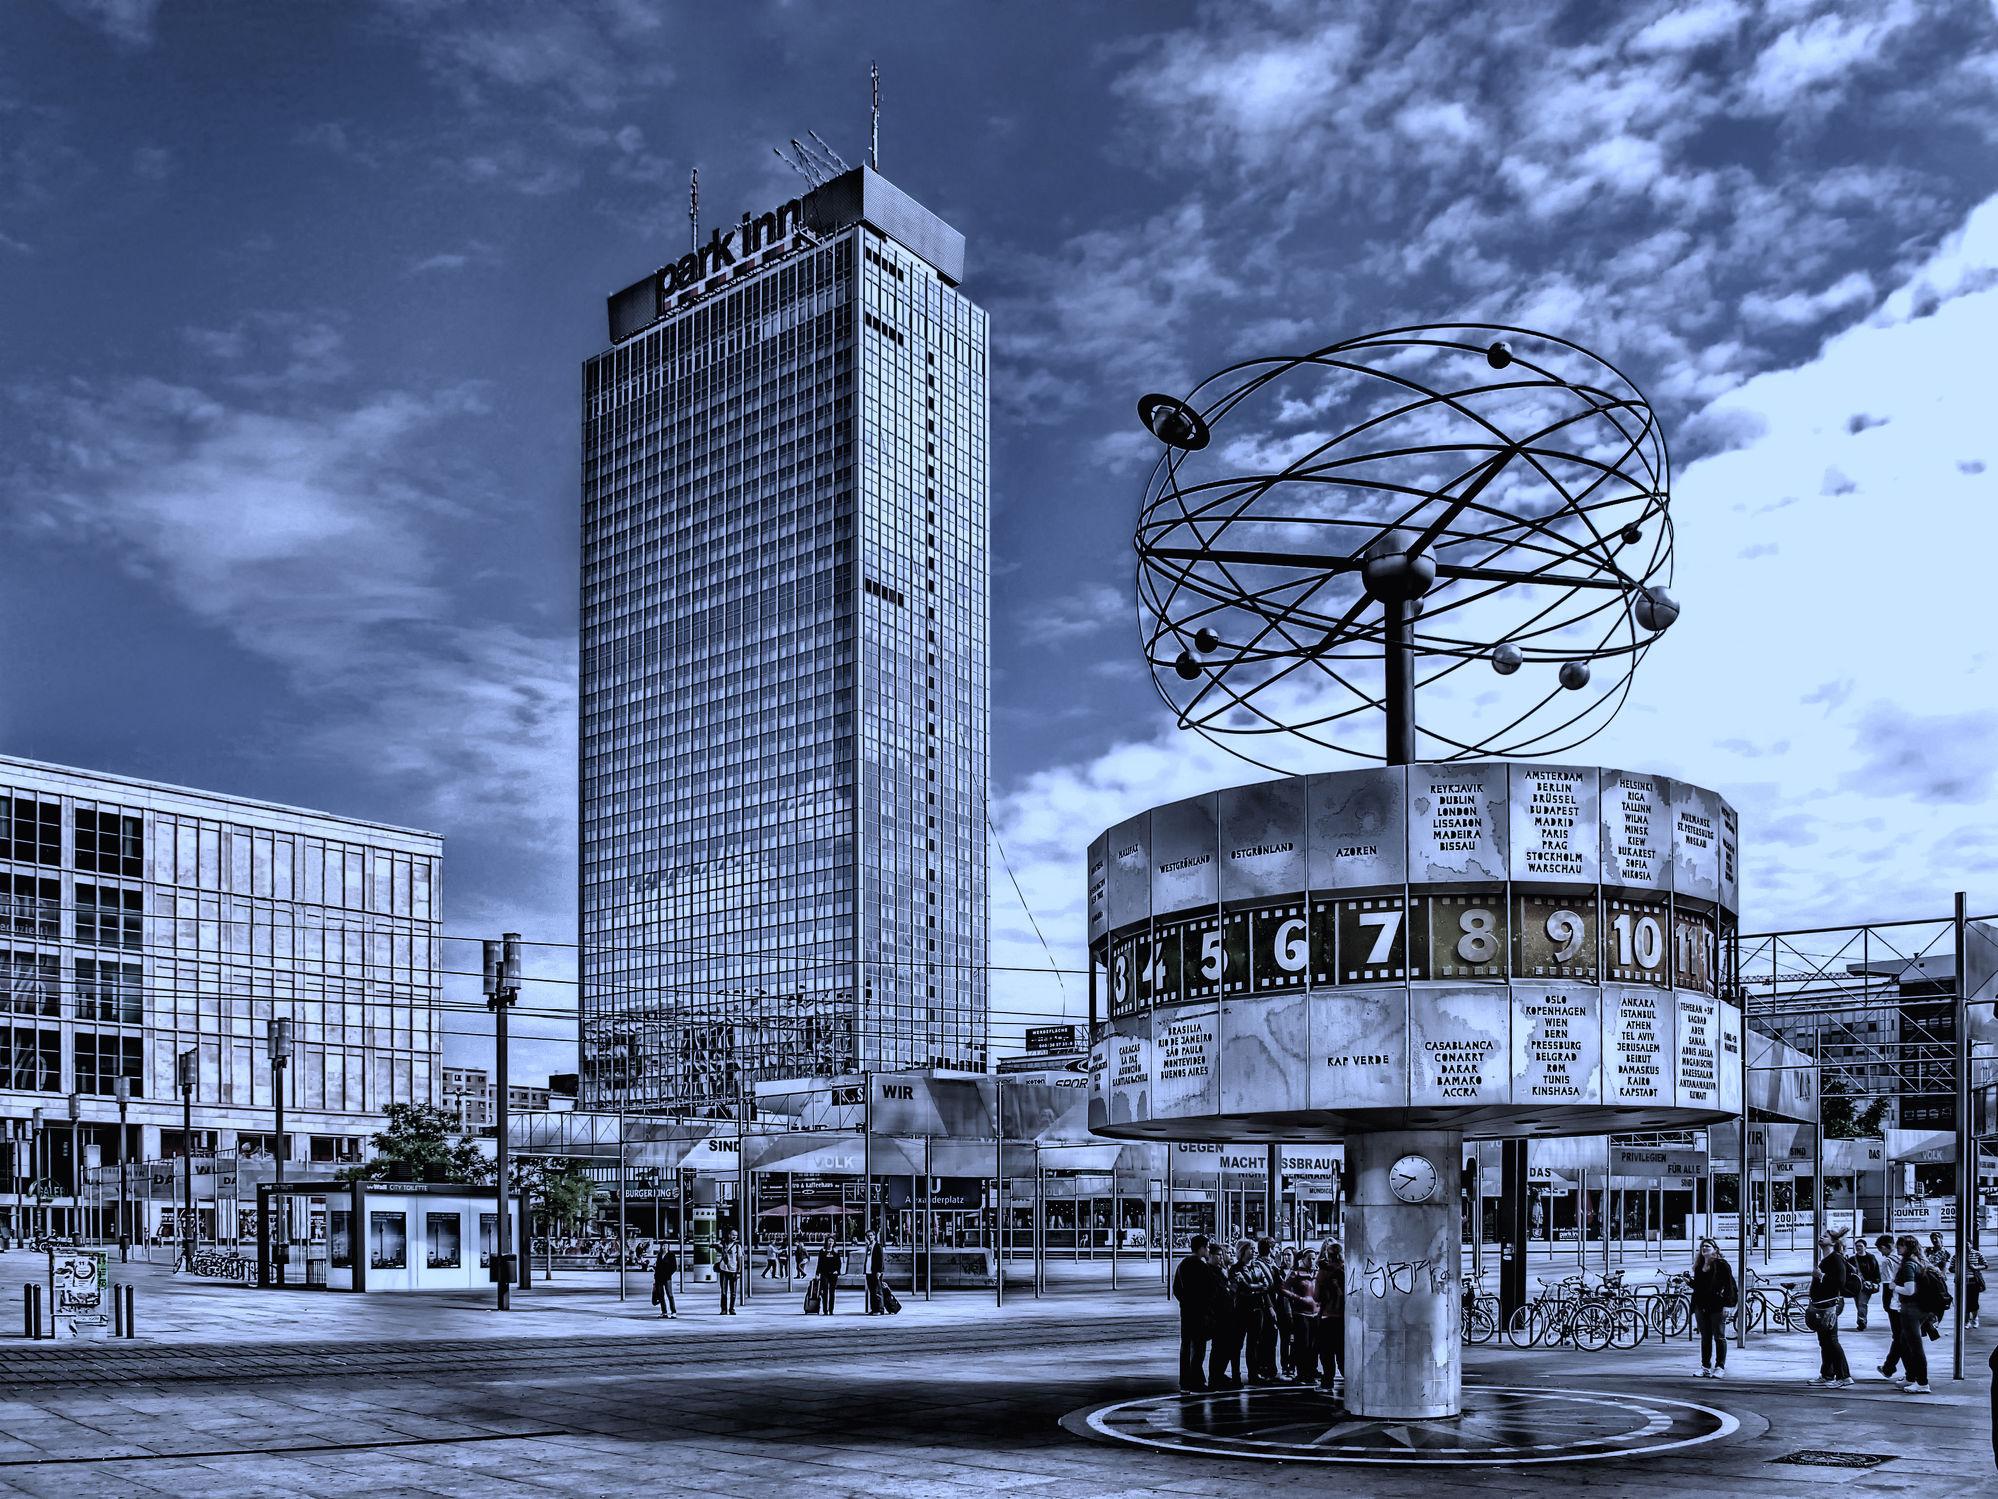 Bild mit Menschen, Architektur, Gebäude, Städte, Berlin, Alexanderplatz, Stadt, City, modern, Verkehr, Hauptstadt, Tourismus, Weltuhr, zeitlos, Ampel, Passanten, am Alex, Alexplatz